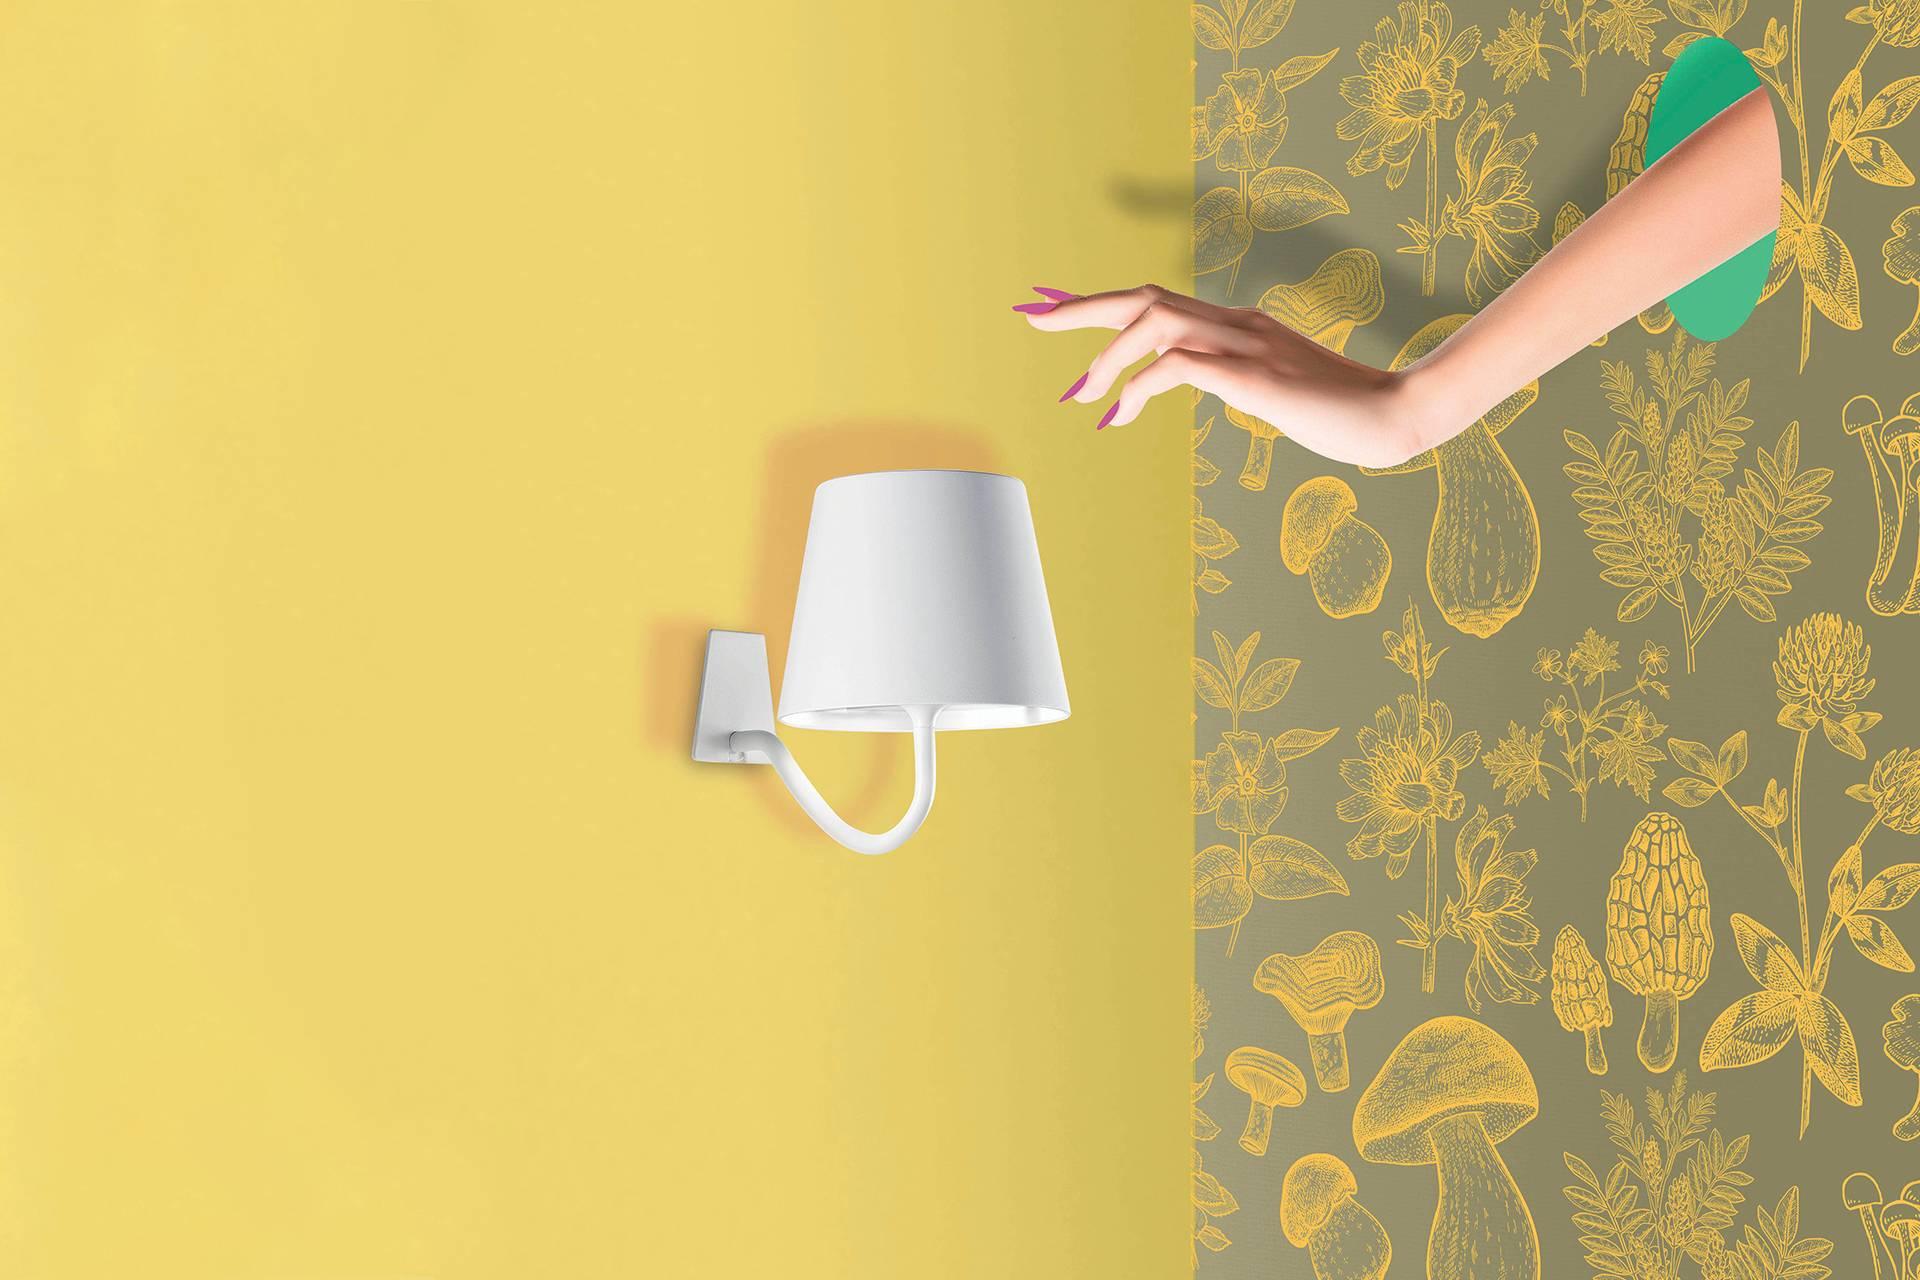 zafferano poldina parete lampes poldina